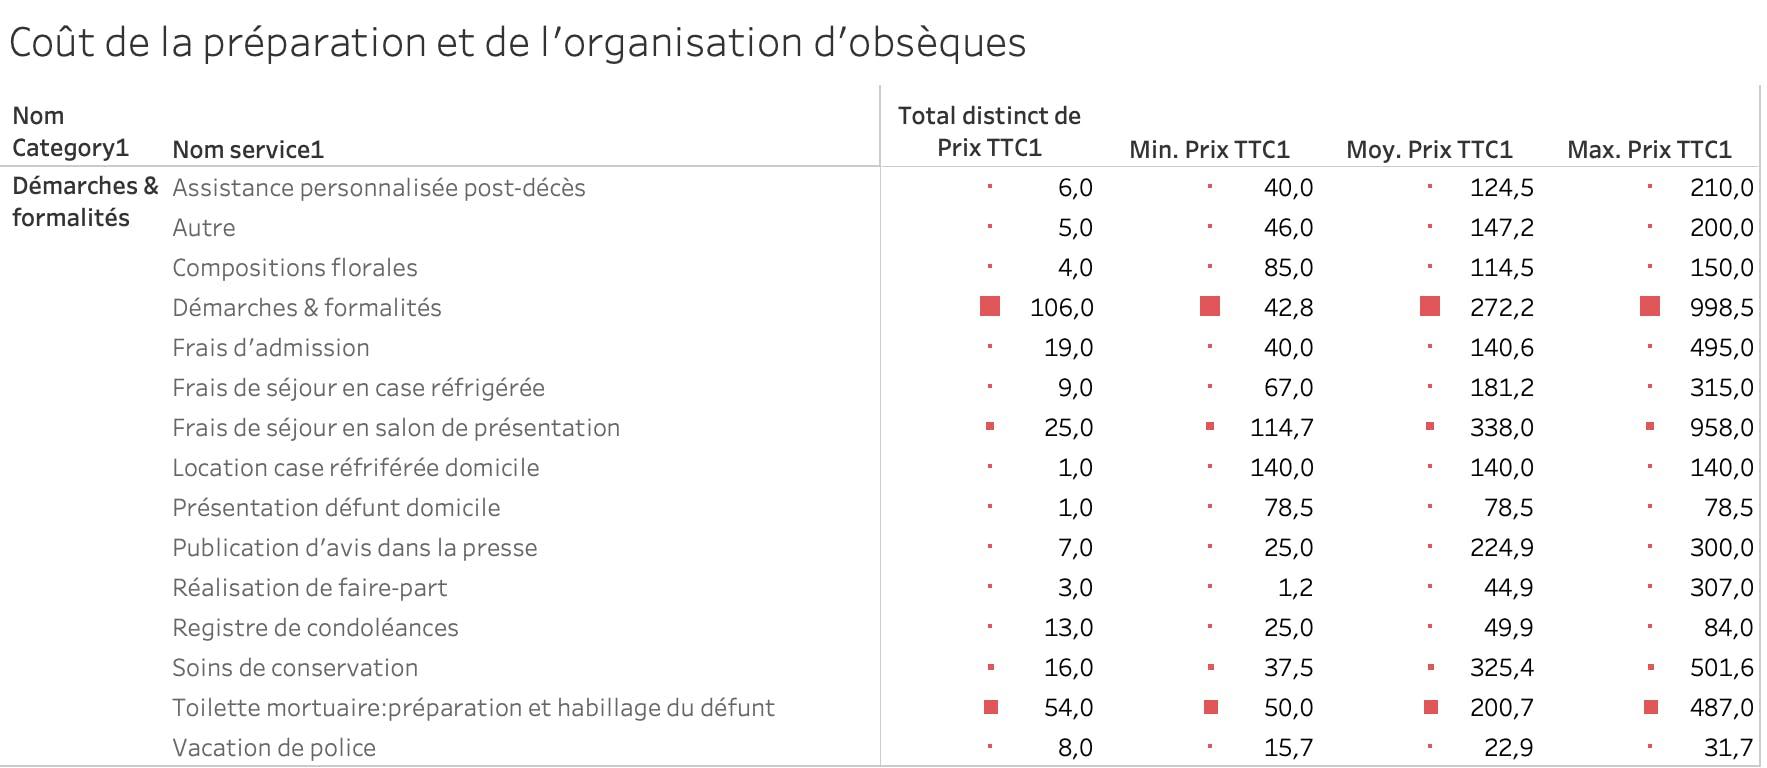 Coût des démarches en France en 2020